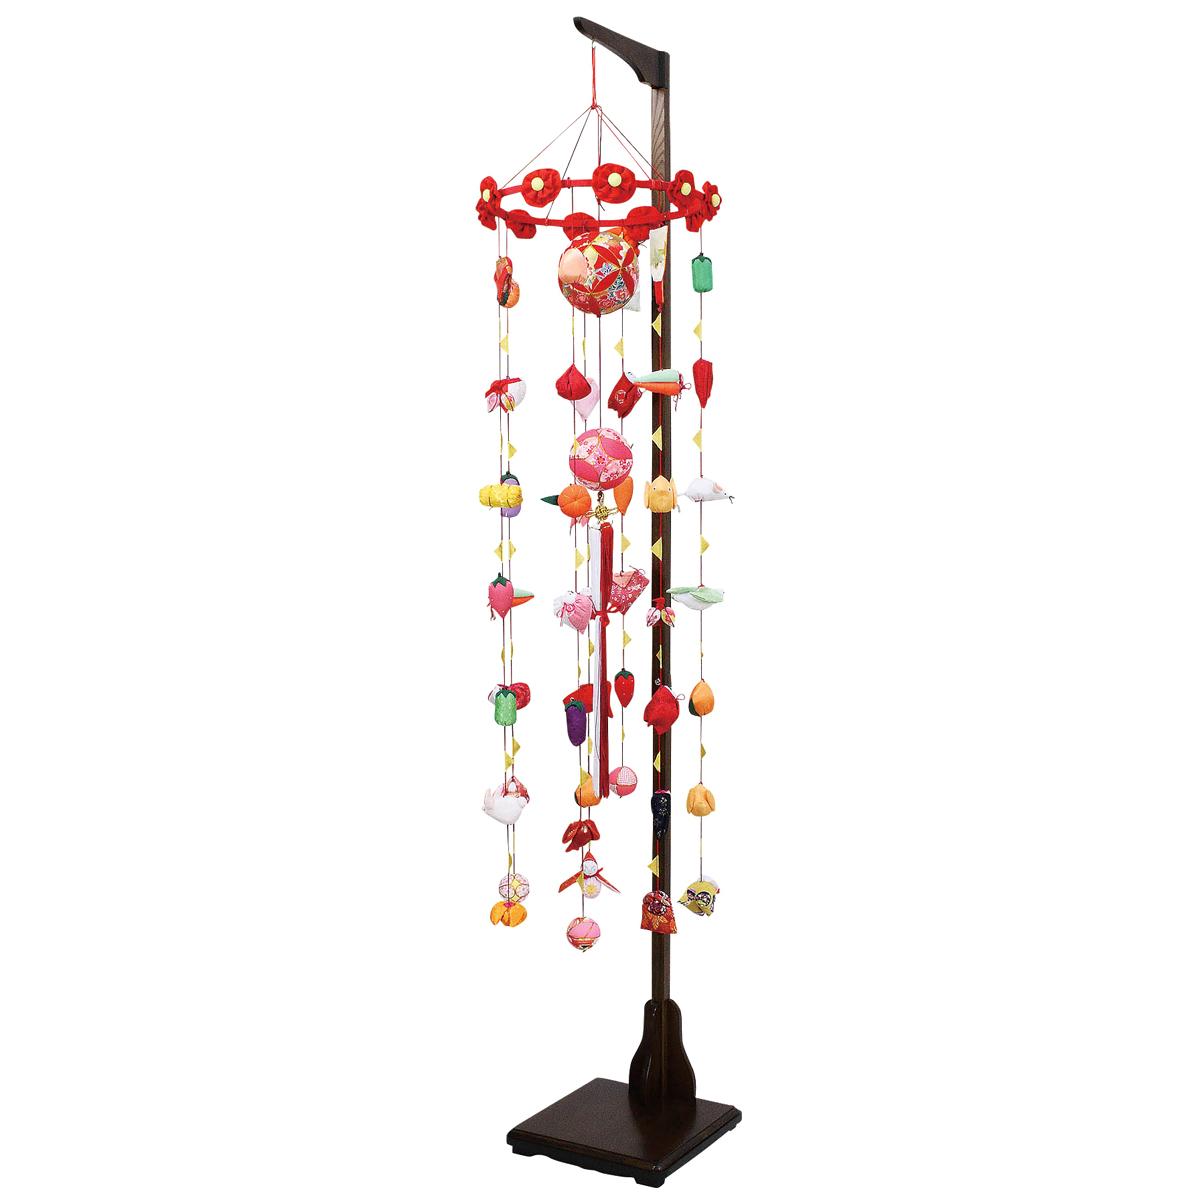 まり飾り 大 吊り台付き TRS-F-4D62-AA-522送料無料 ※北海道 沖縄は除く つるし雛 吊るし飾り で 桃の節句 雛祭り ひな祭り 雛人形 のお祝いに